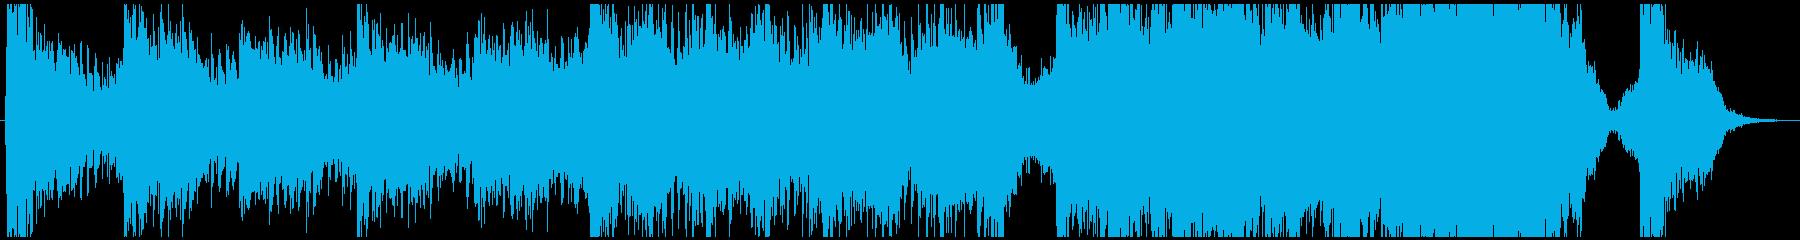 現代の交響曲 劇的な 神経質 素晴...の再生済みの波形